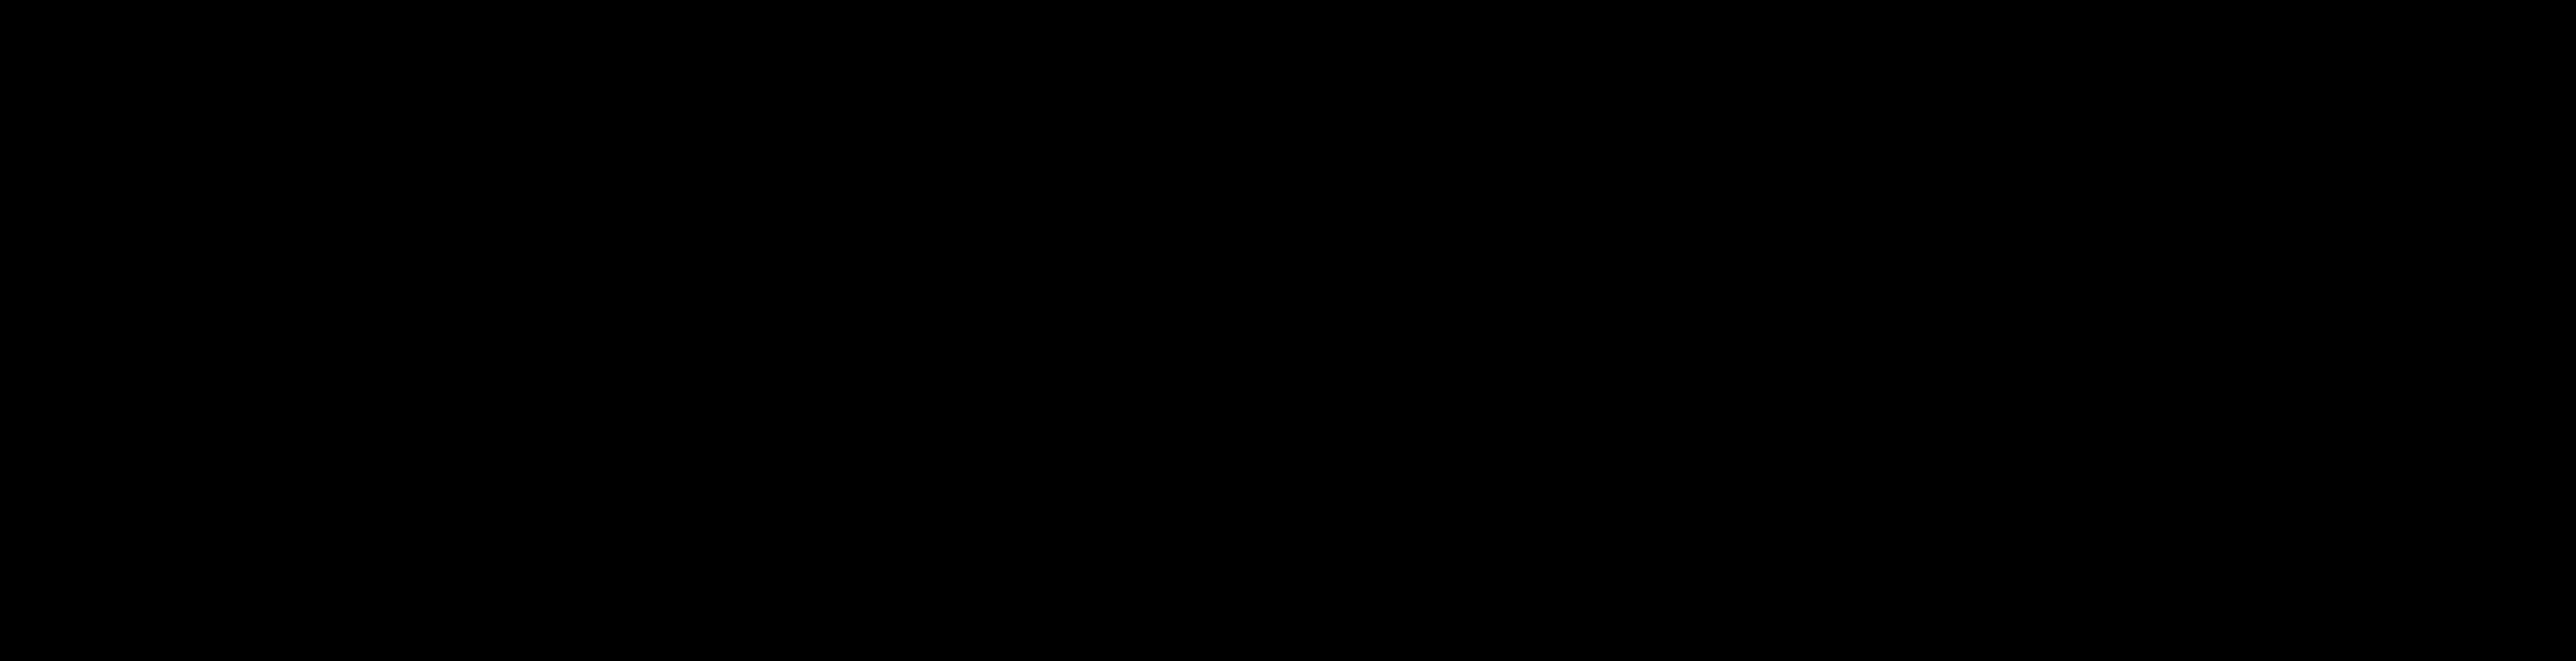 manifiesto-agil